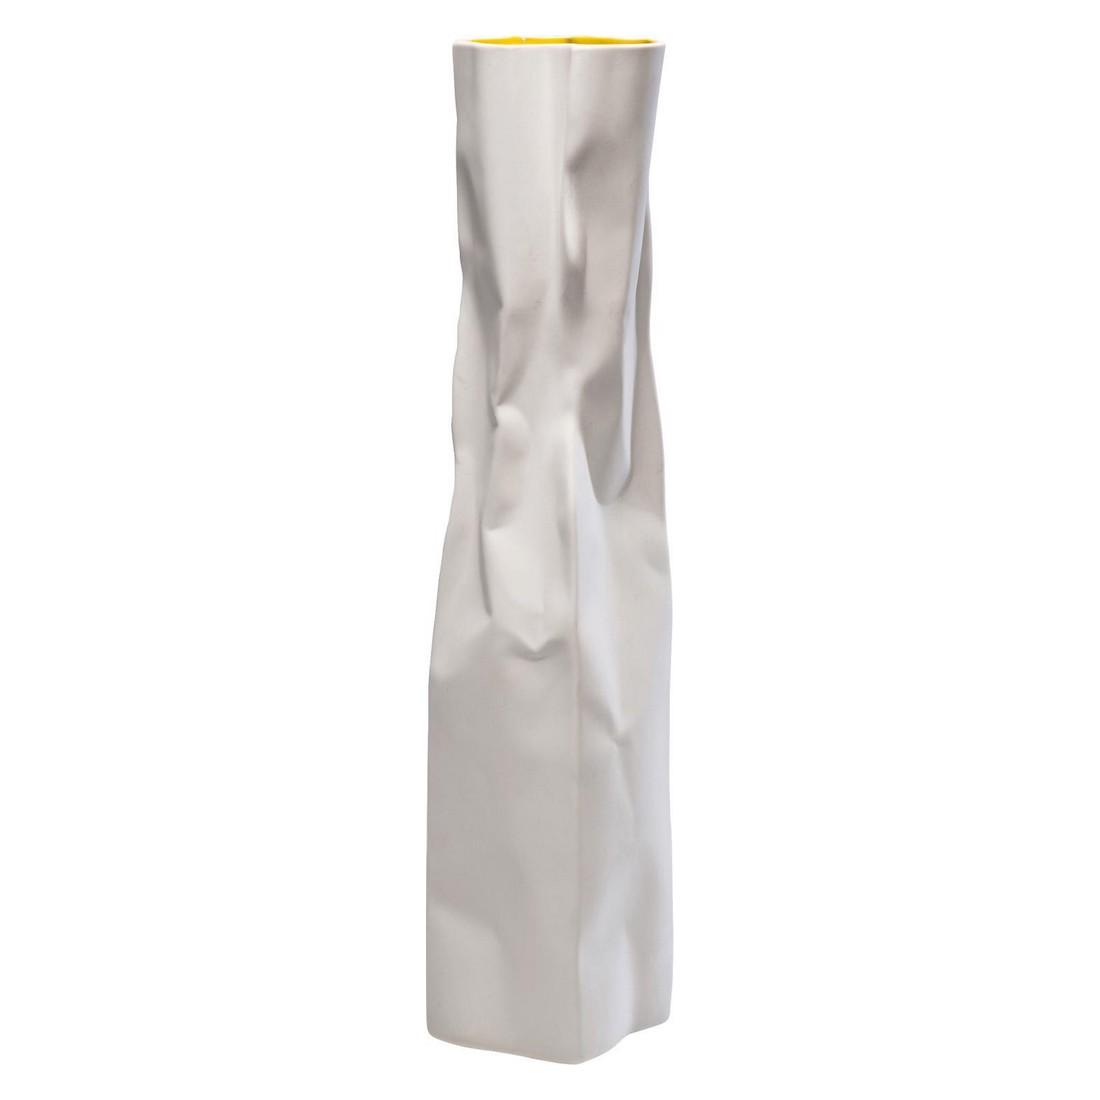 Vase Paper Bag 53cm – Porzellan Mehrfarbig, Kare Design jetzt kaufen